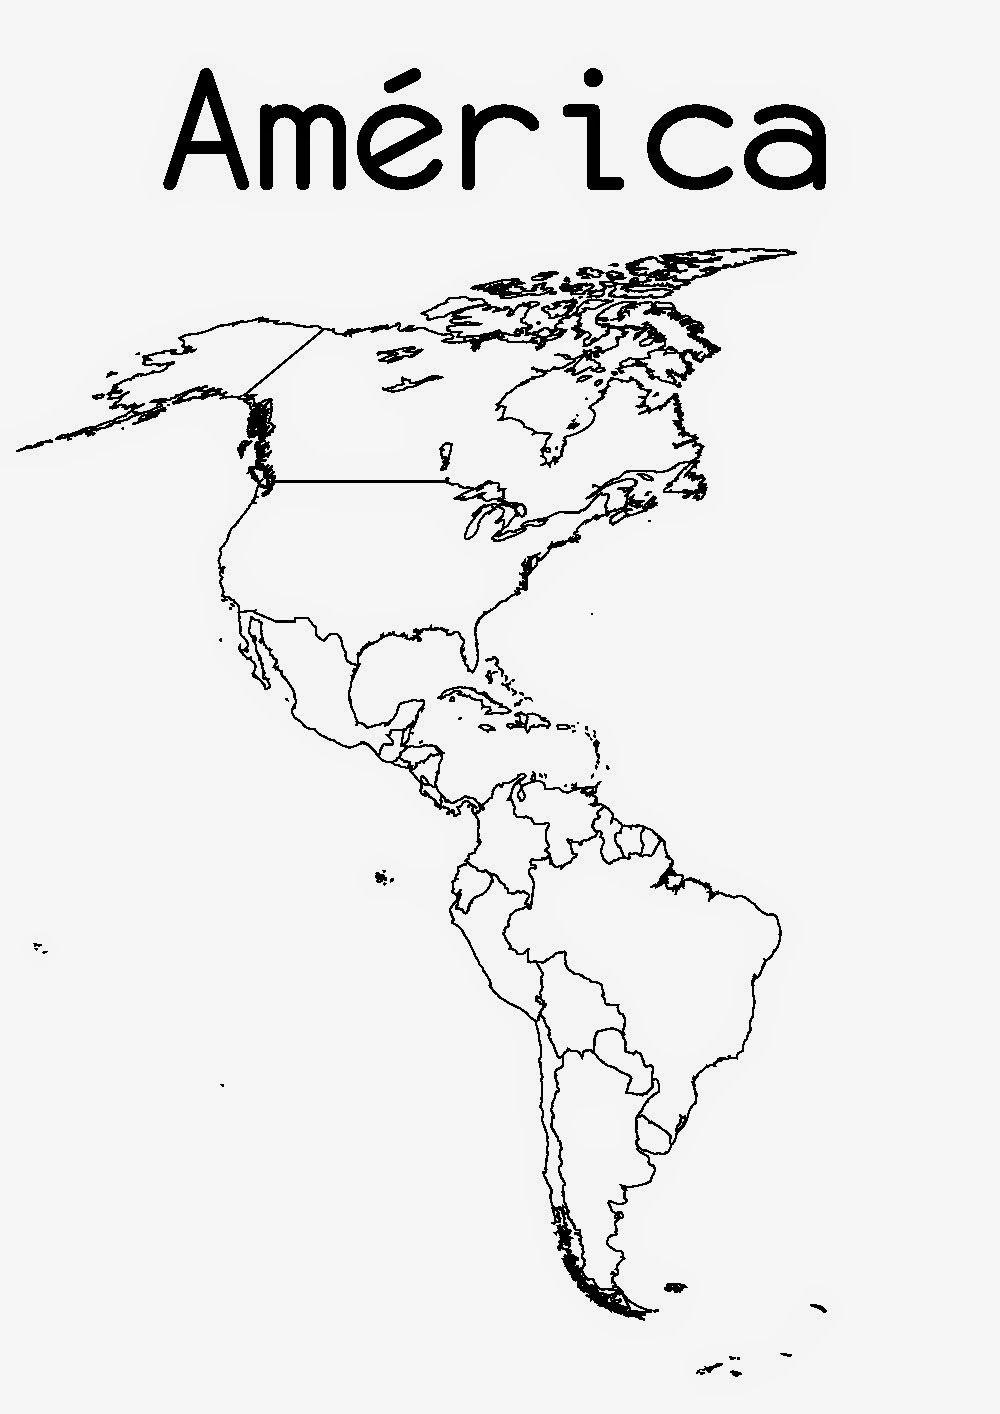 mapa mudo de america para imprimir | Historia | Pinterest | América ...